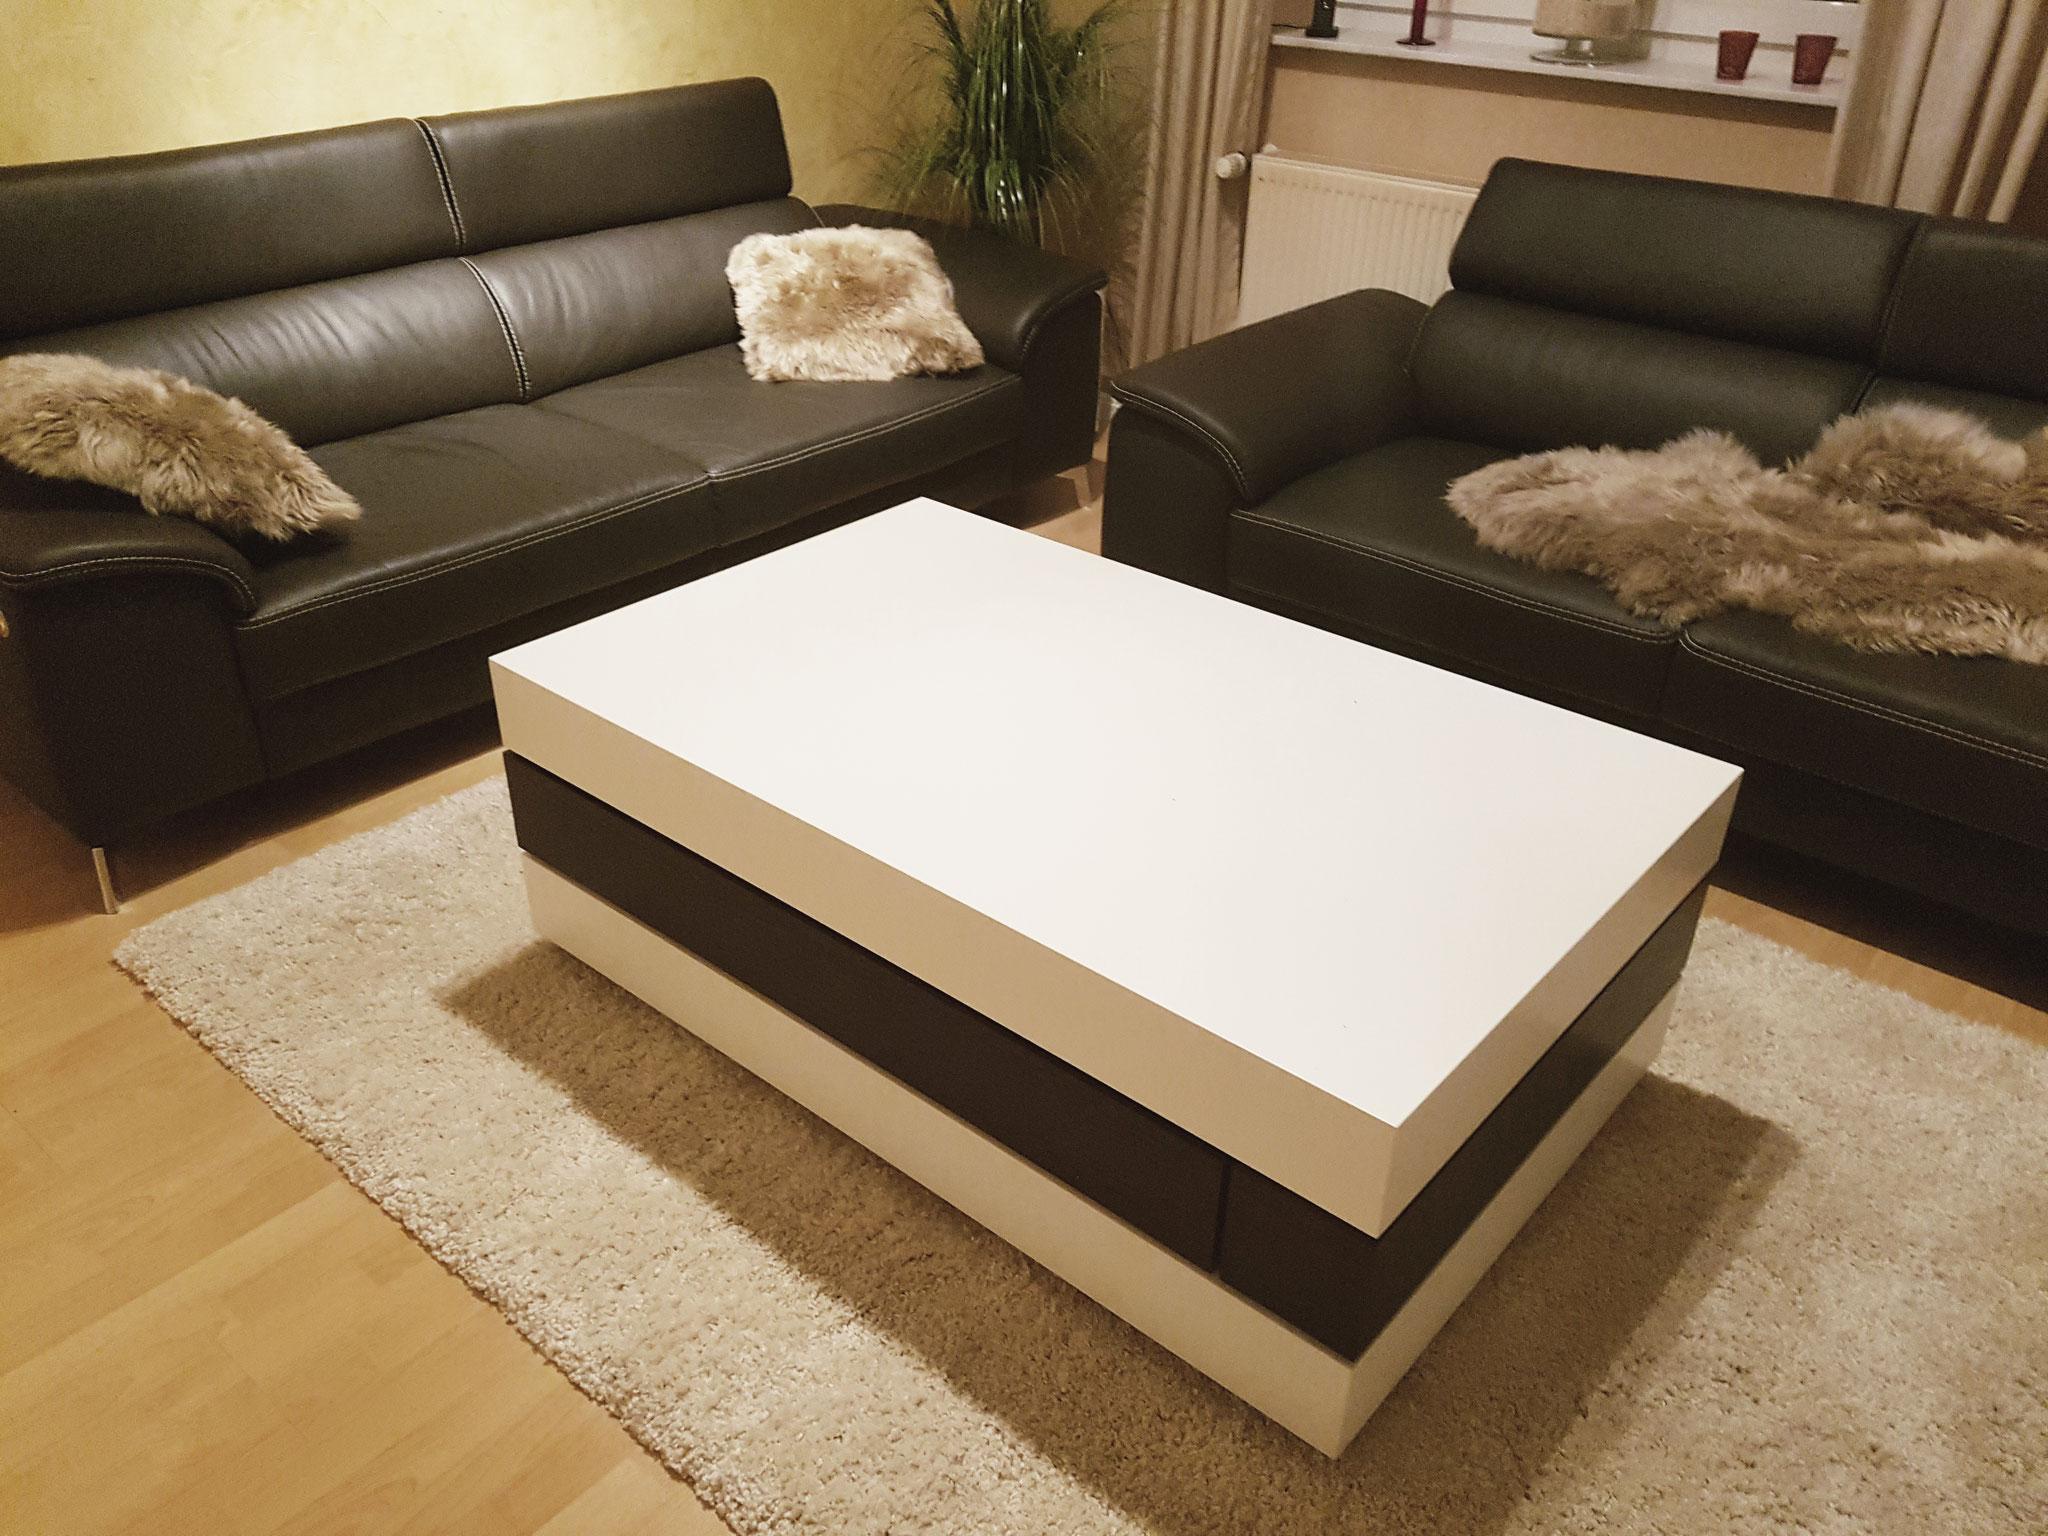 Wohnzimmertisch mit schwenkbarar Ablage und Schubkasten.